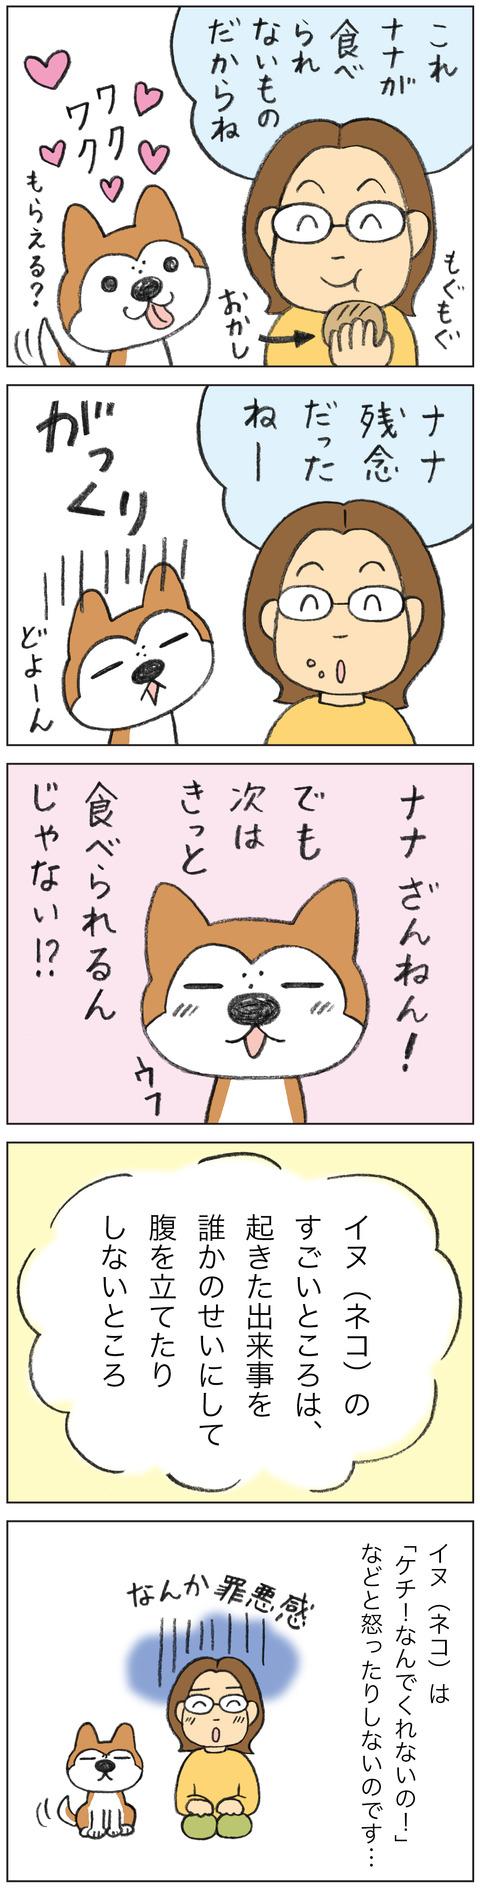 動物18-0136